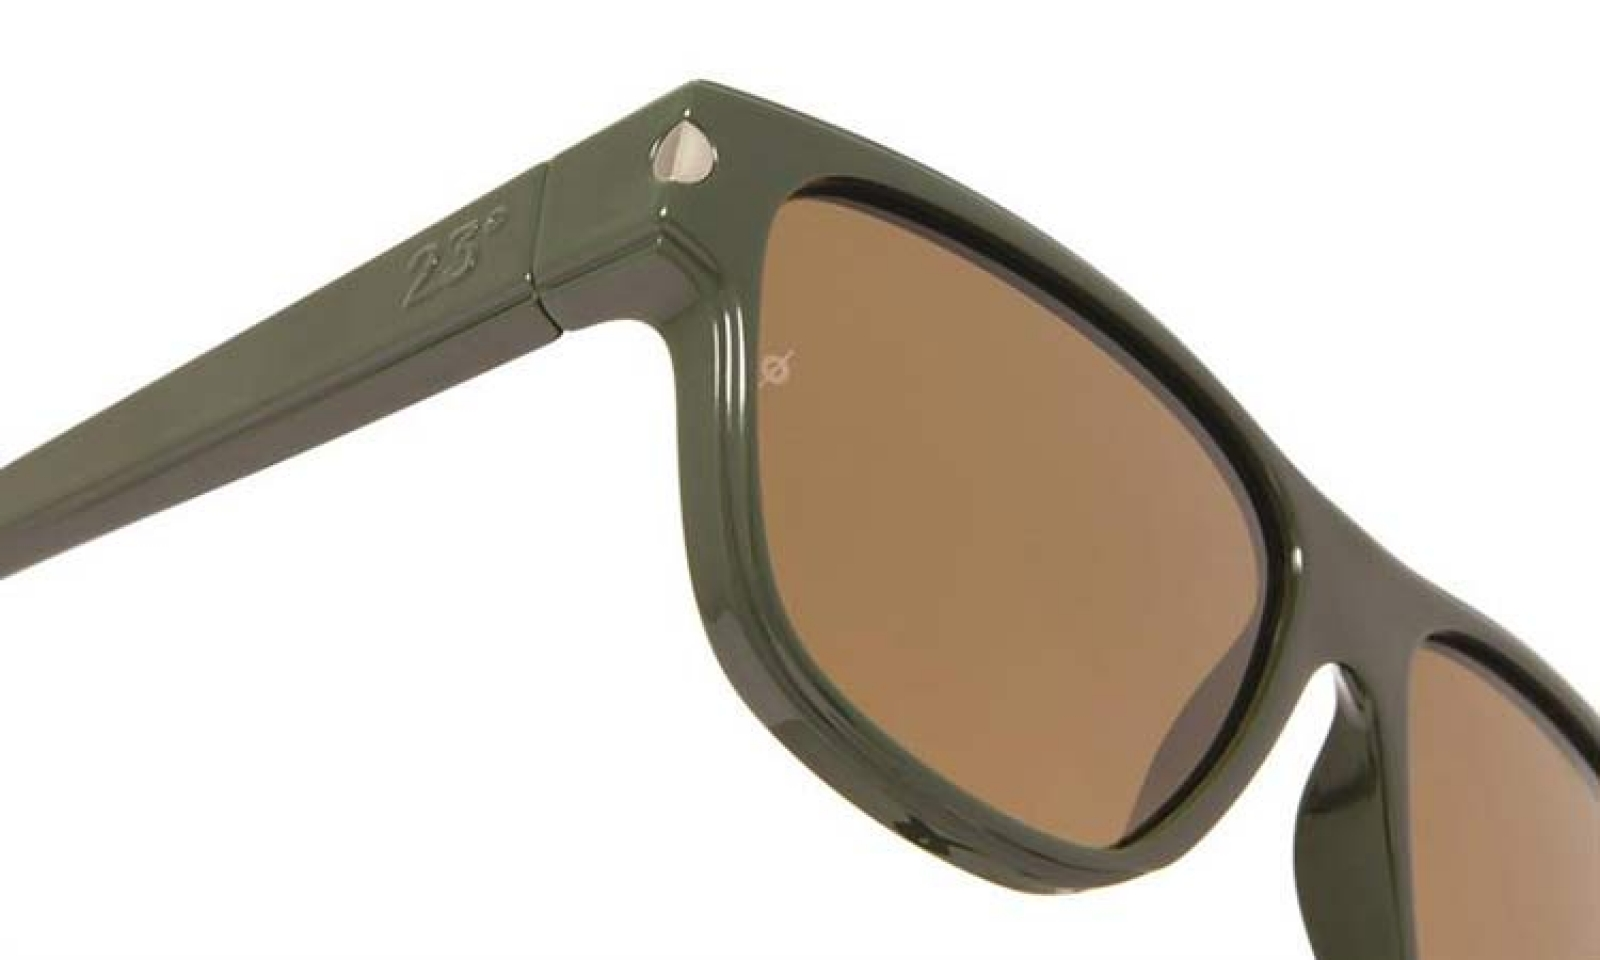 Νέα συλλογή από την 23° Eyewear με φακούς Barberini